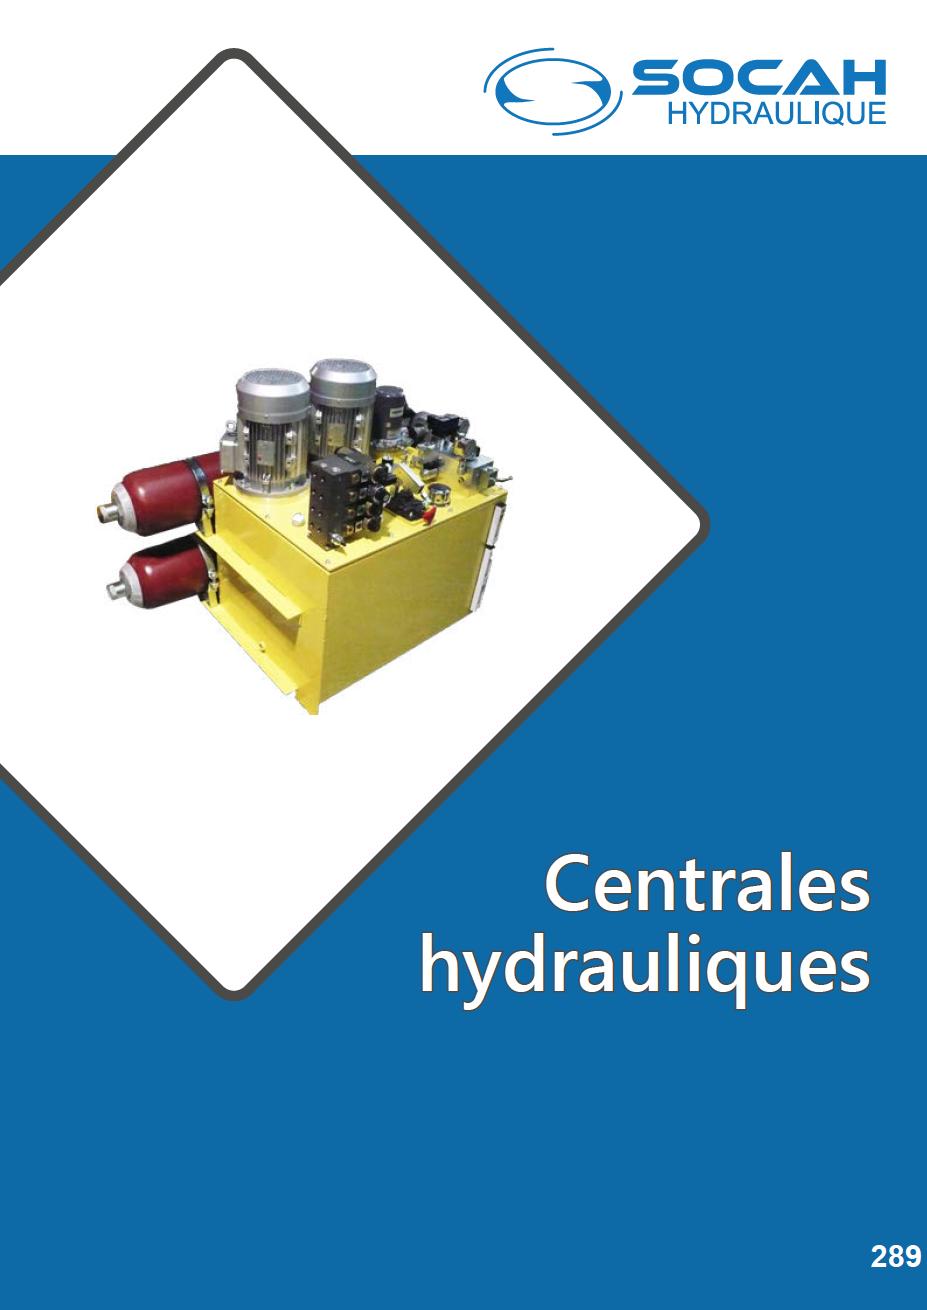 Fiche technique centrales hydrauliques